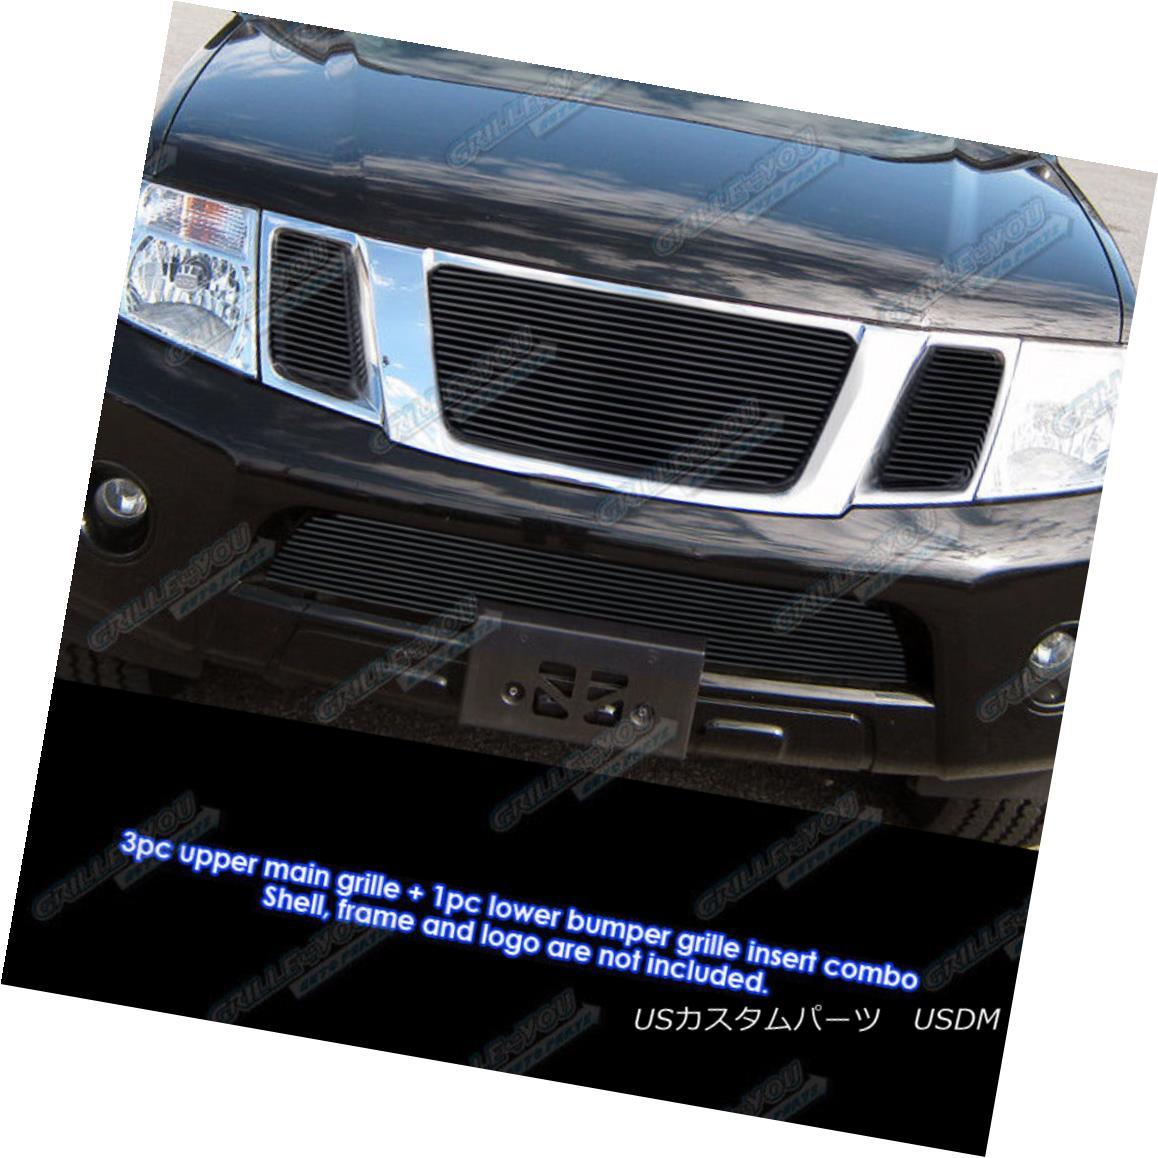 グリル Fits 2008-2012 Nissan Pathfinder Black Billet Grille Grill Insert Combo フィット2008-2012日産パスファインダーブラックビレットグリルグリルインサートコンボ